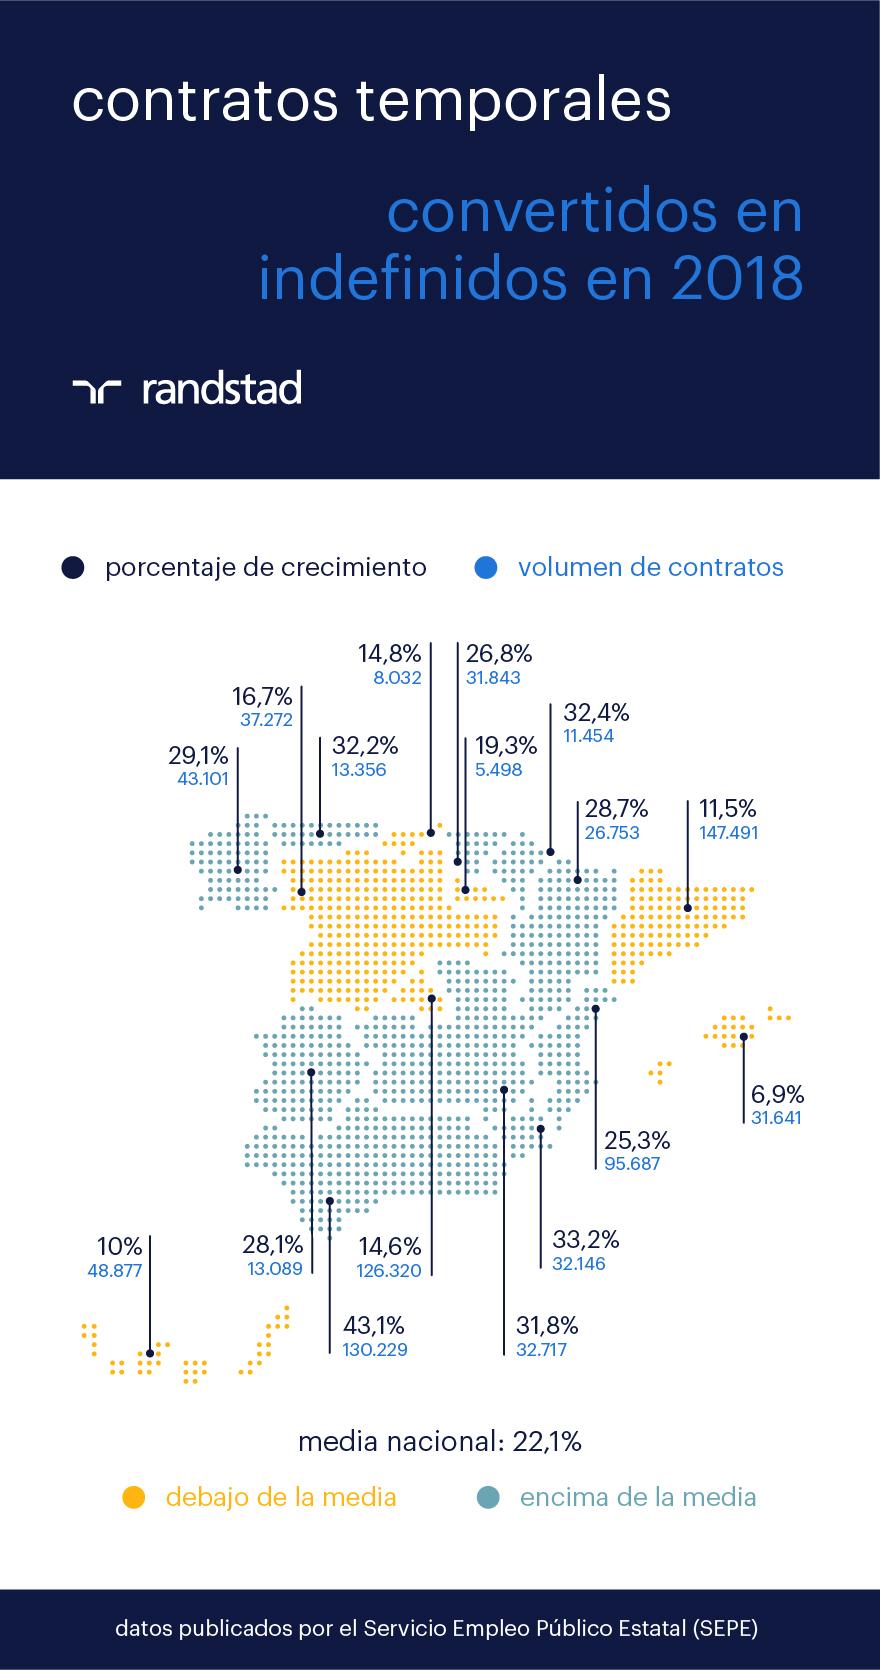 infografía-contratos temporales_indefinidos